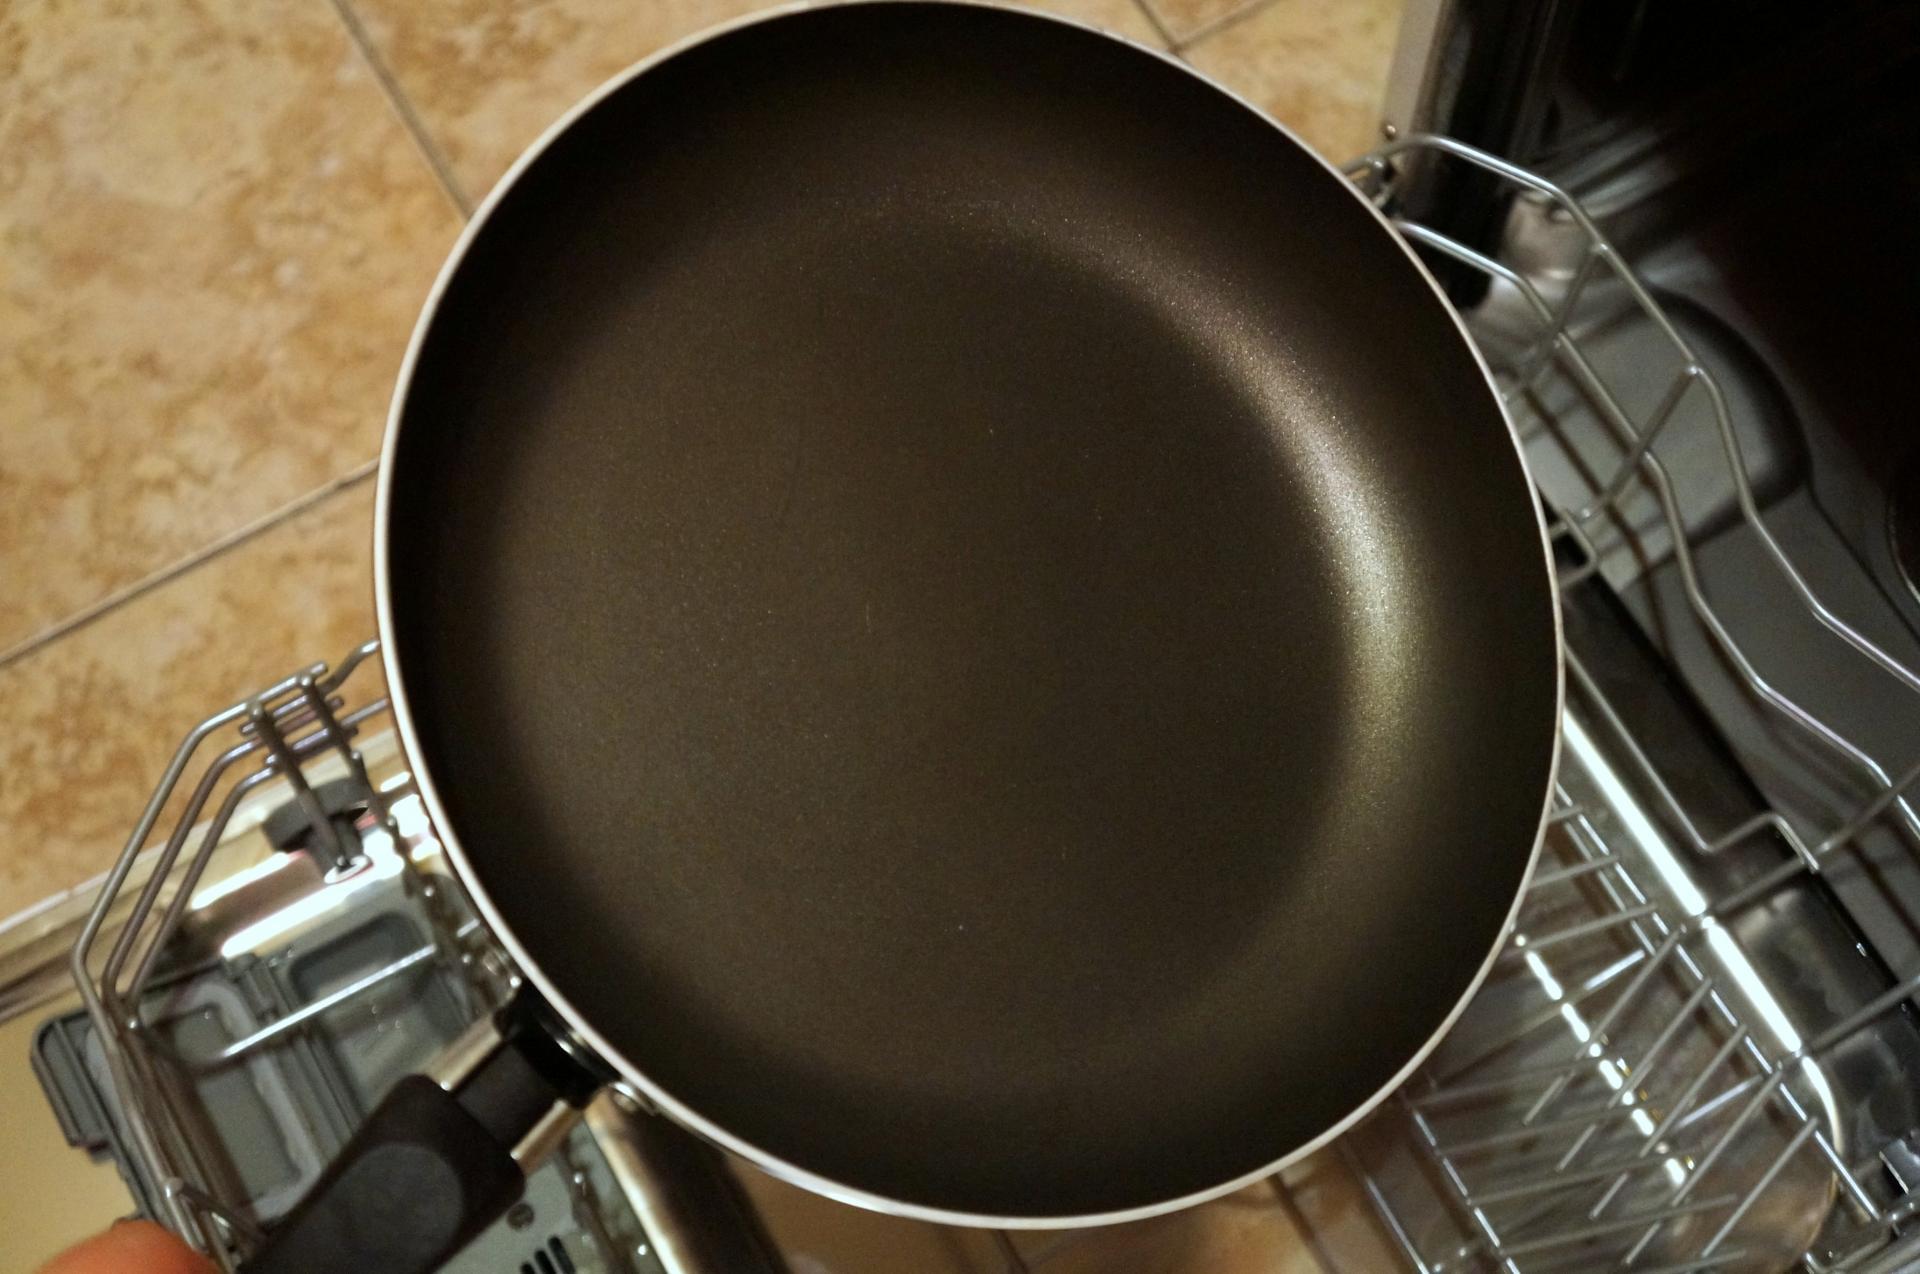 сковорода в посудомойке